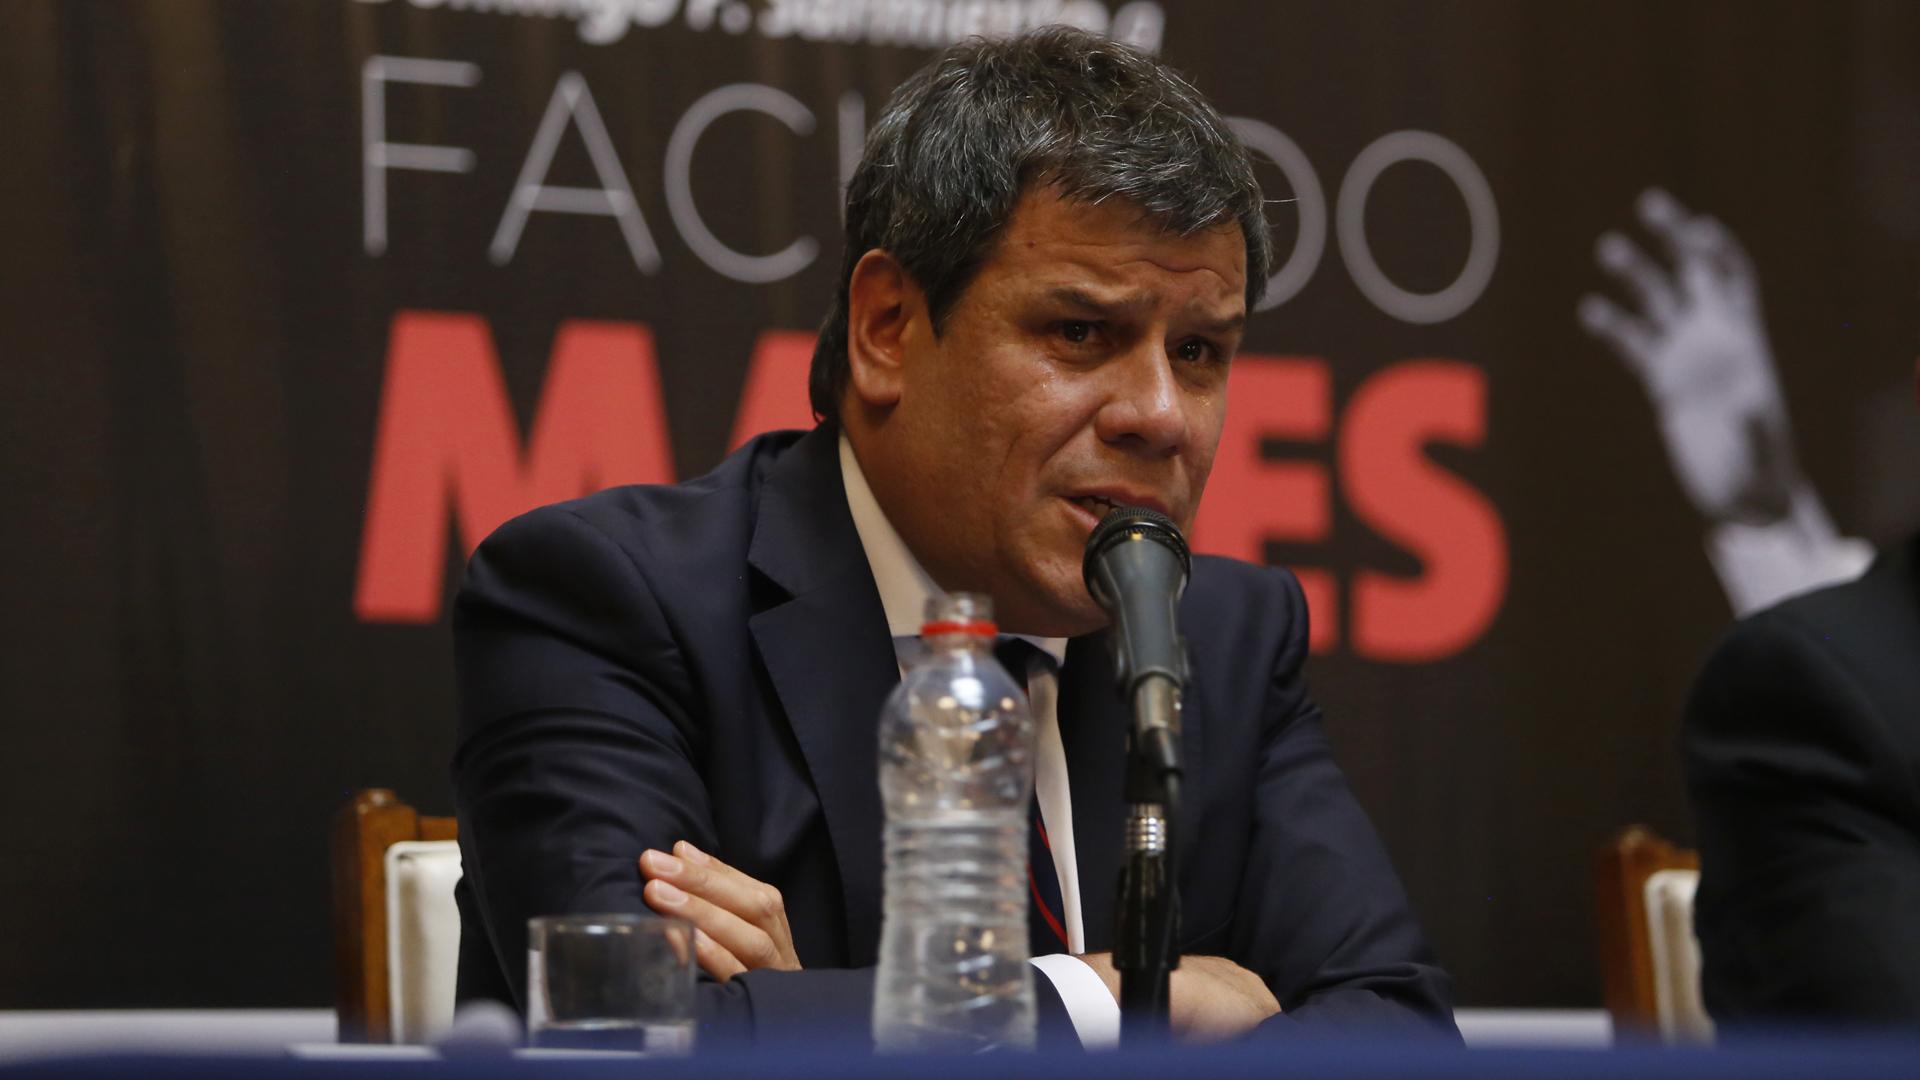 Facundo Manes, emocionado en el comienzo de su discurso